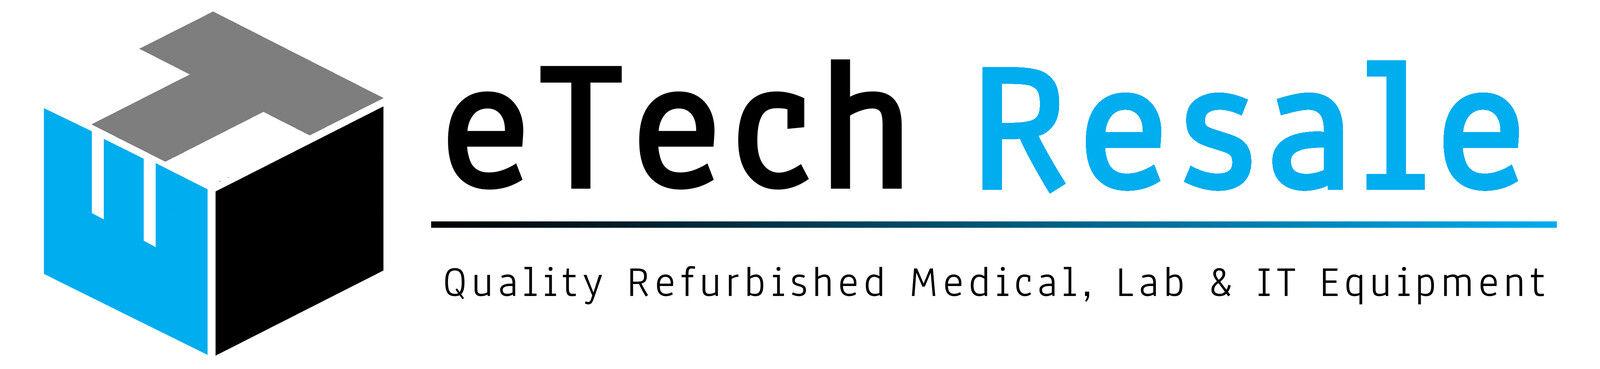 eTech Resale